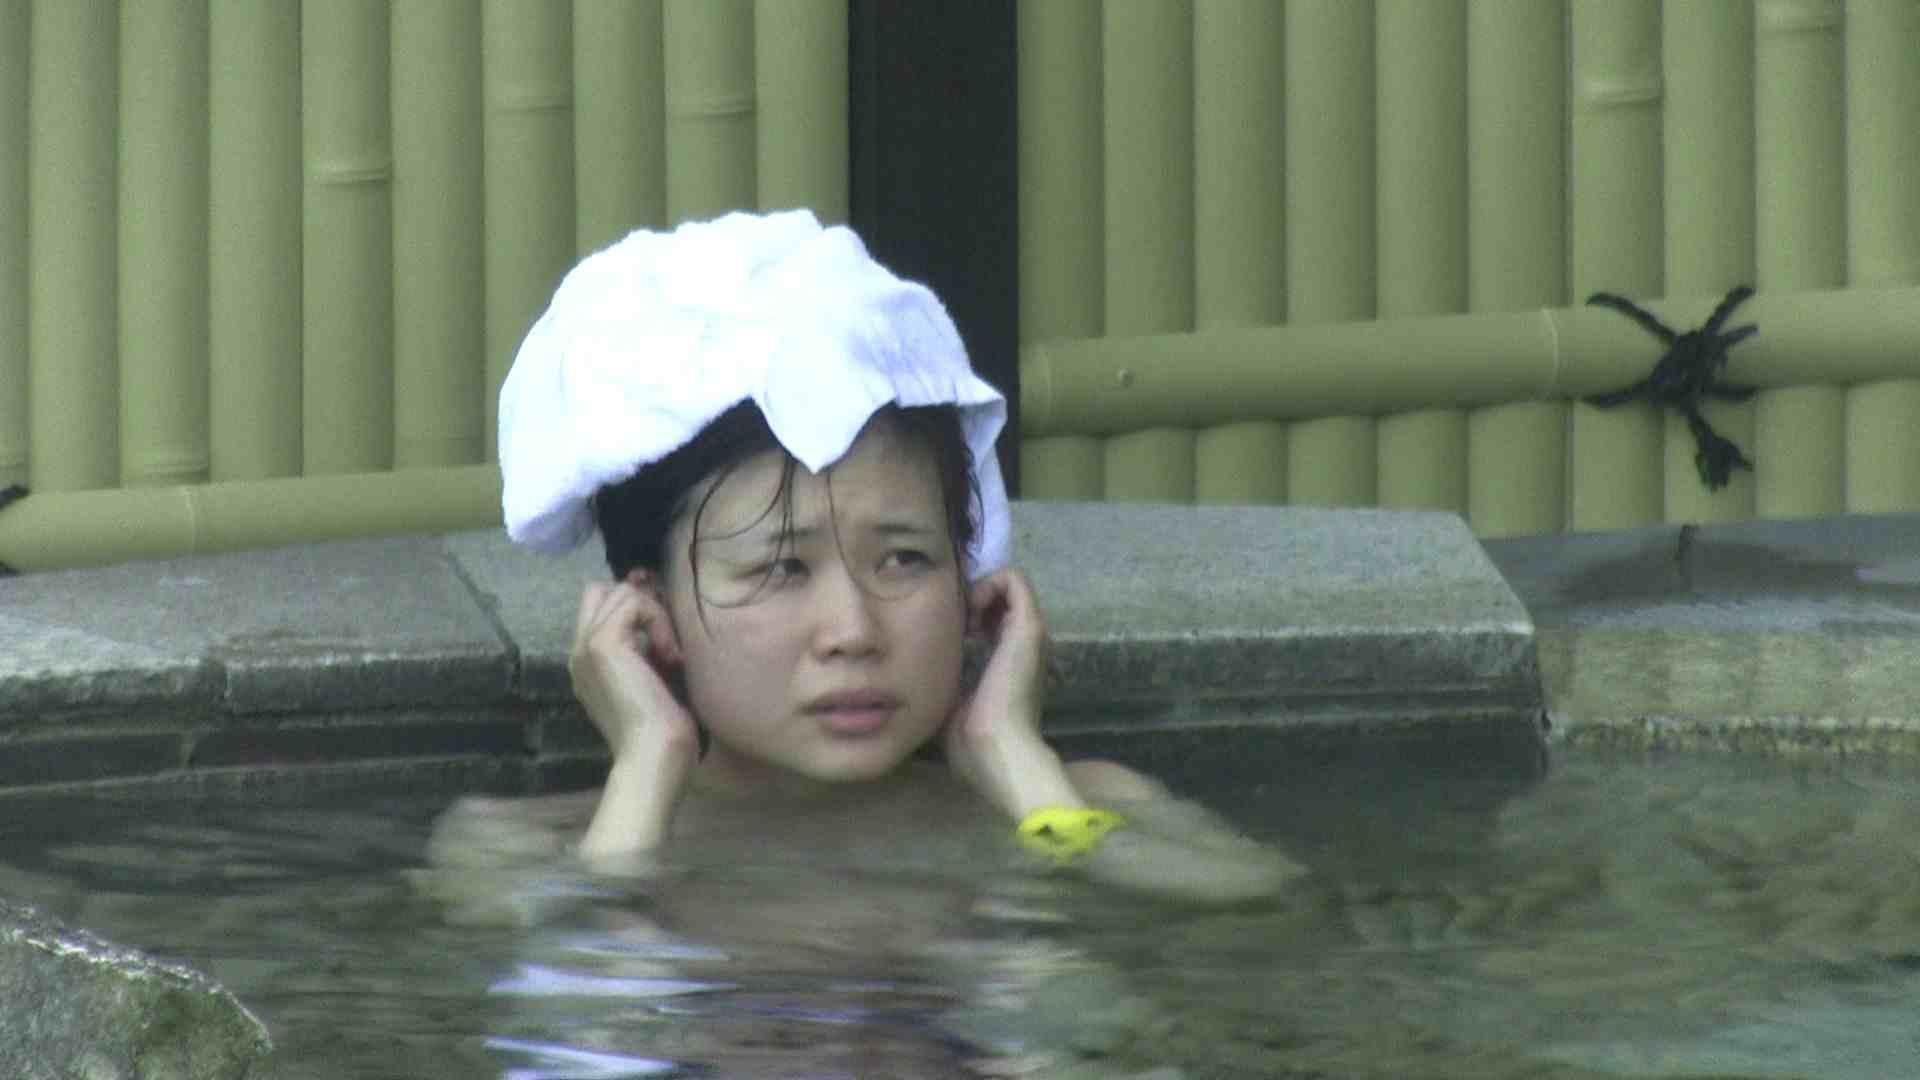 Aquaな露天風呂Vol.183 美しいOLの裸体  105pic 66